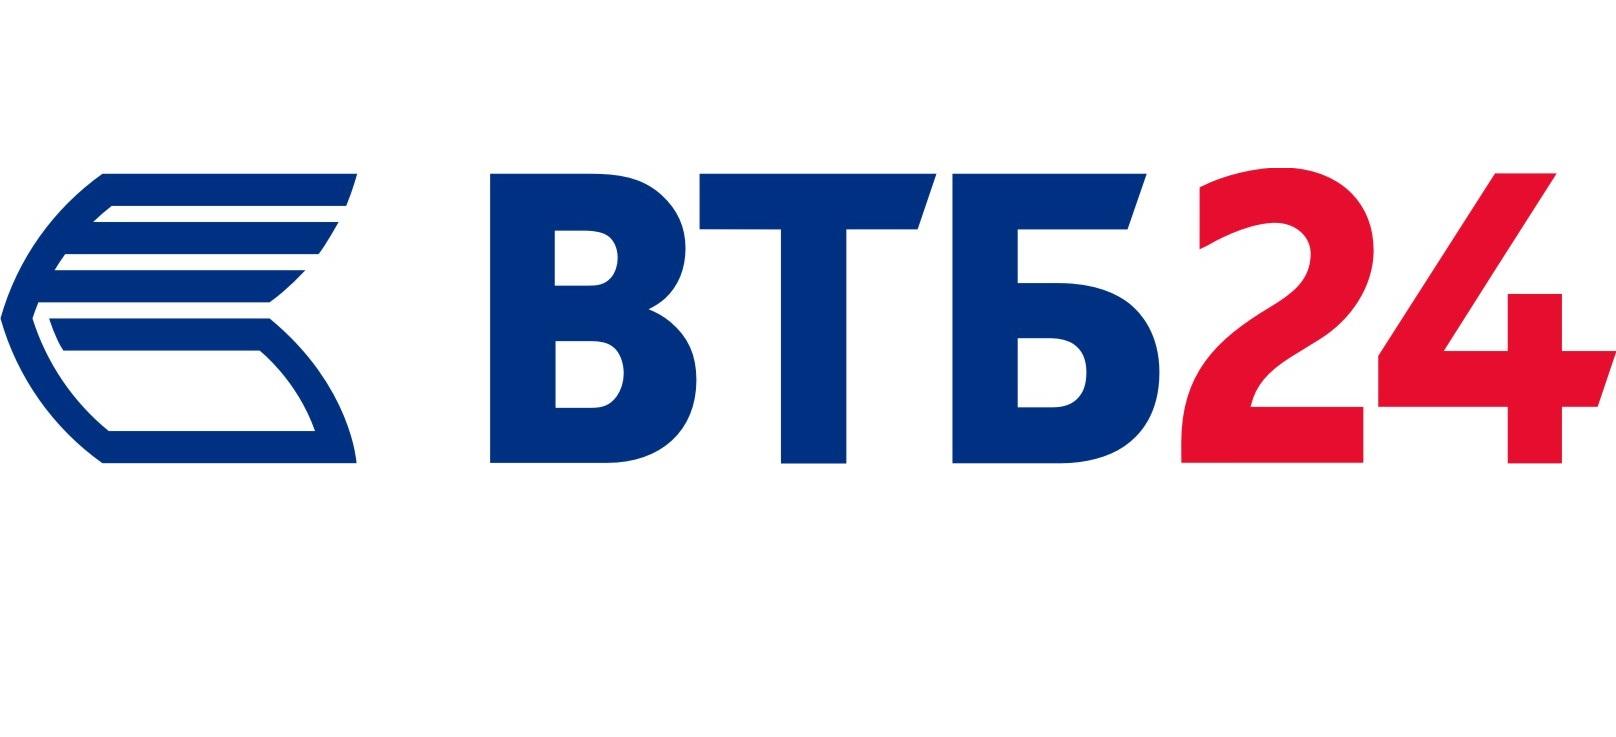 Как найти юридический адрес ип по инн бесплатно на сайте налоговой казахстан